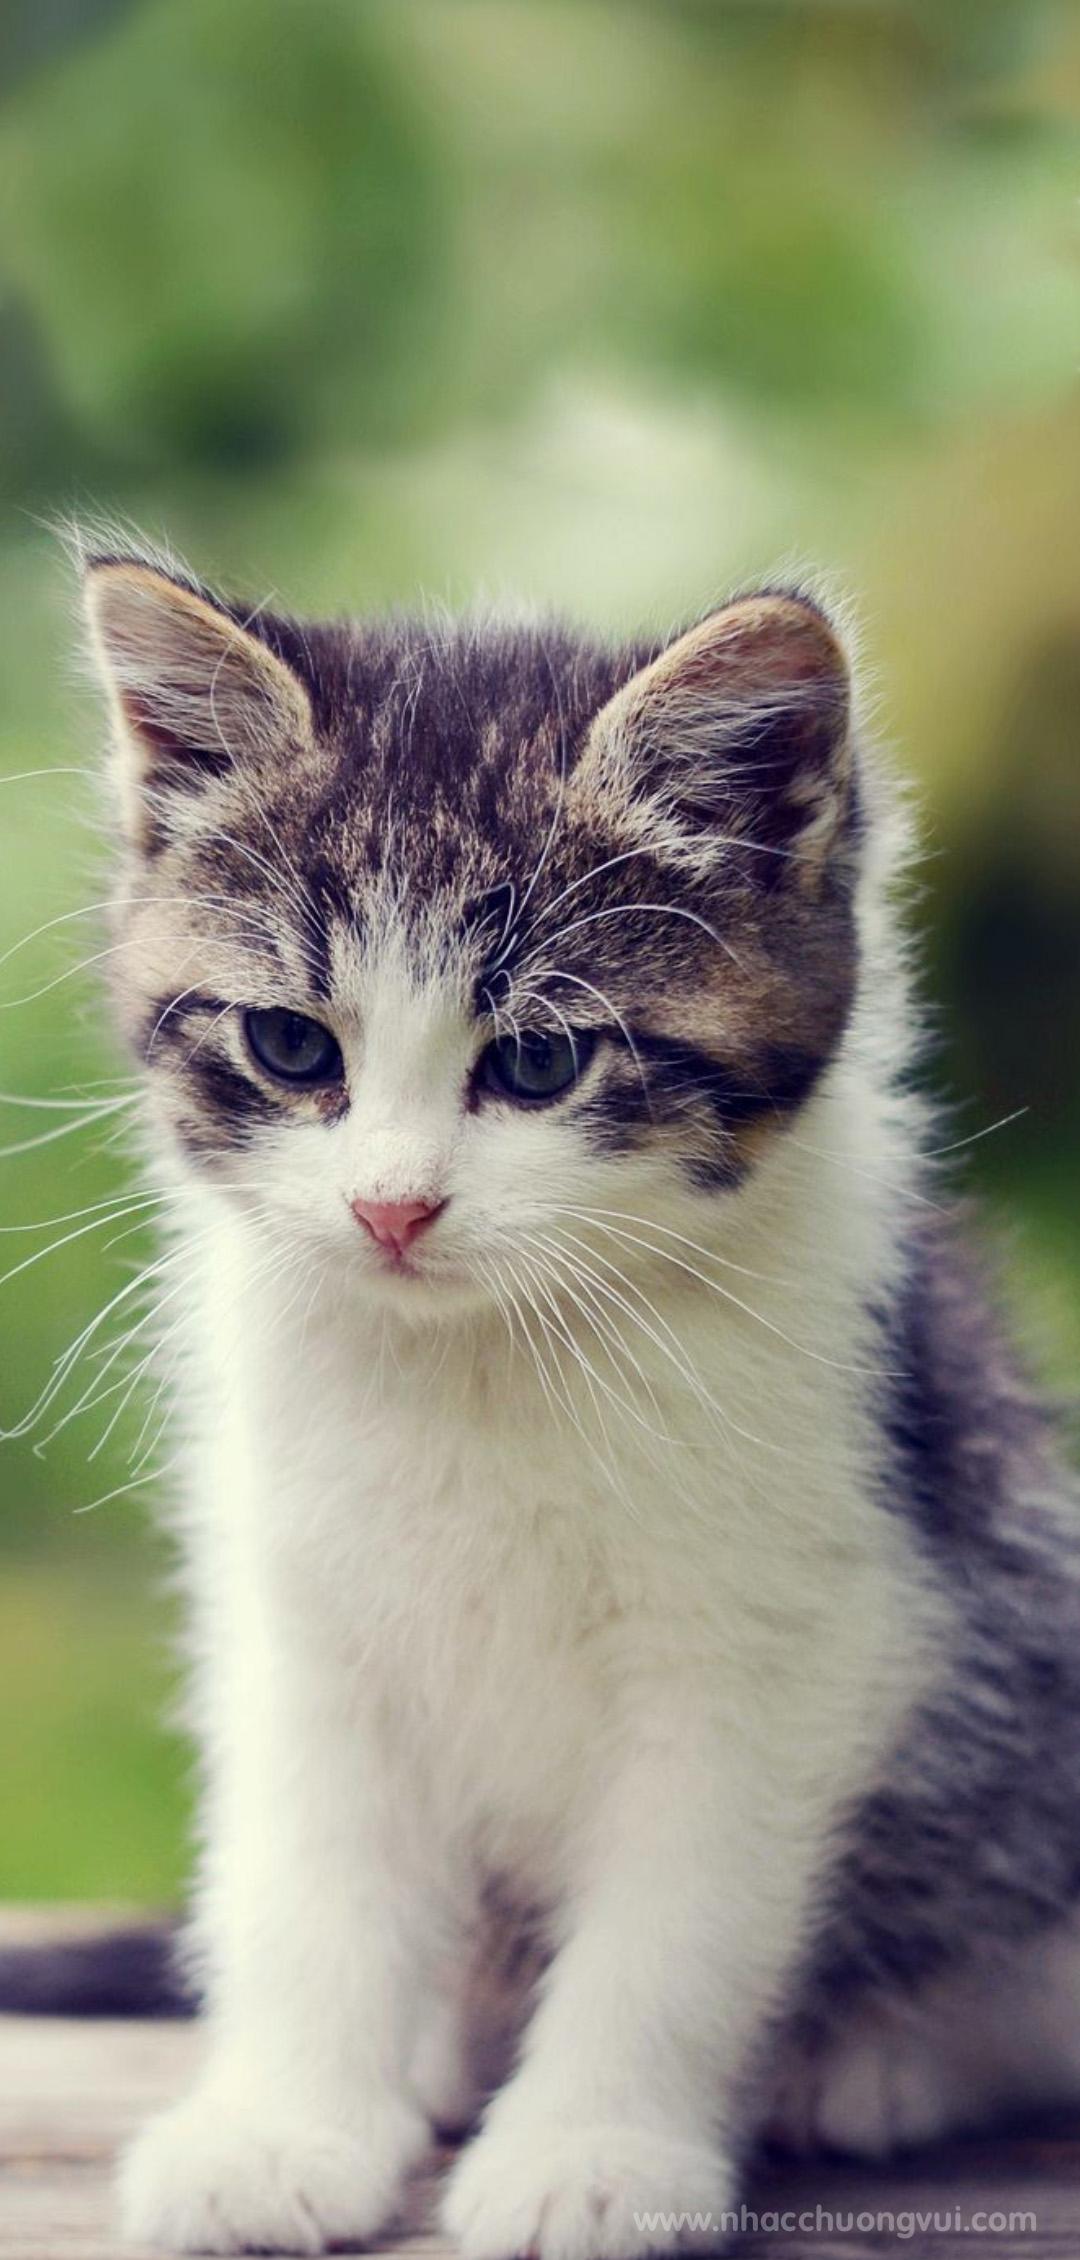 Hình nền mèo đẹp cho điện thoại 3